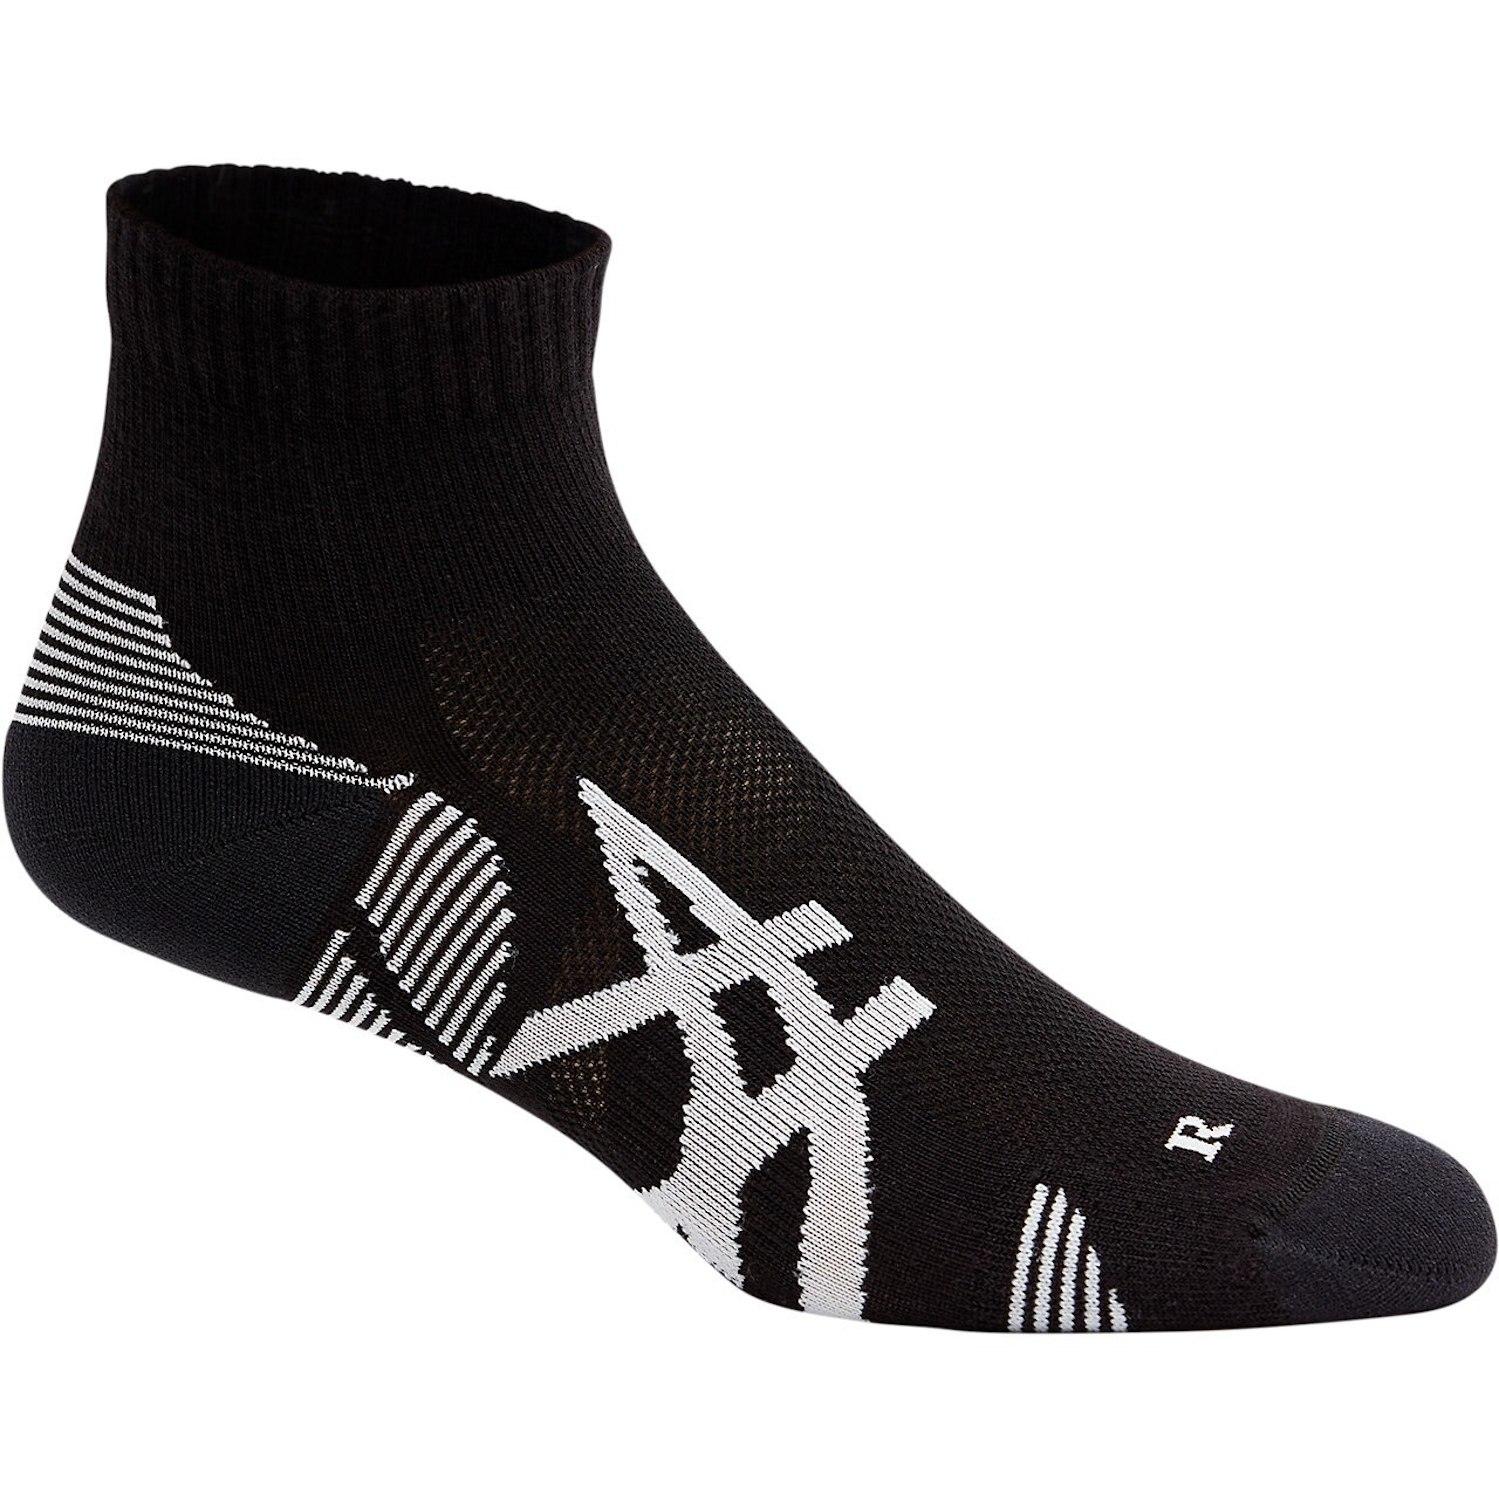 Produktbild von asics 2PPK Cushioning Socken - 2er Pack (sortiert) - performance black/performance black